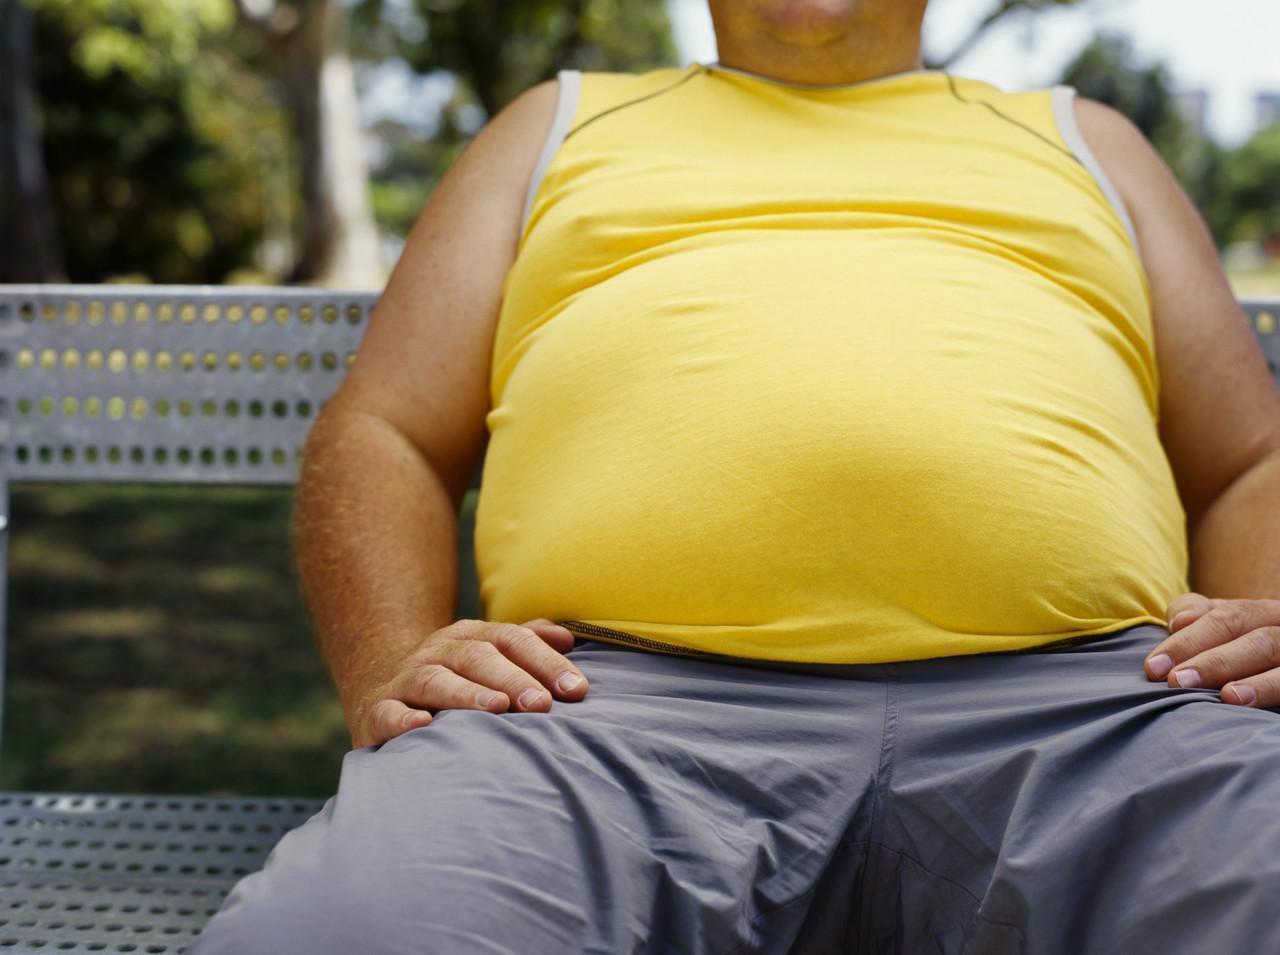 Os acidentes de trânsito, outra consequência da obesidade